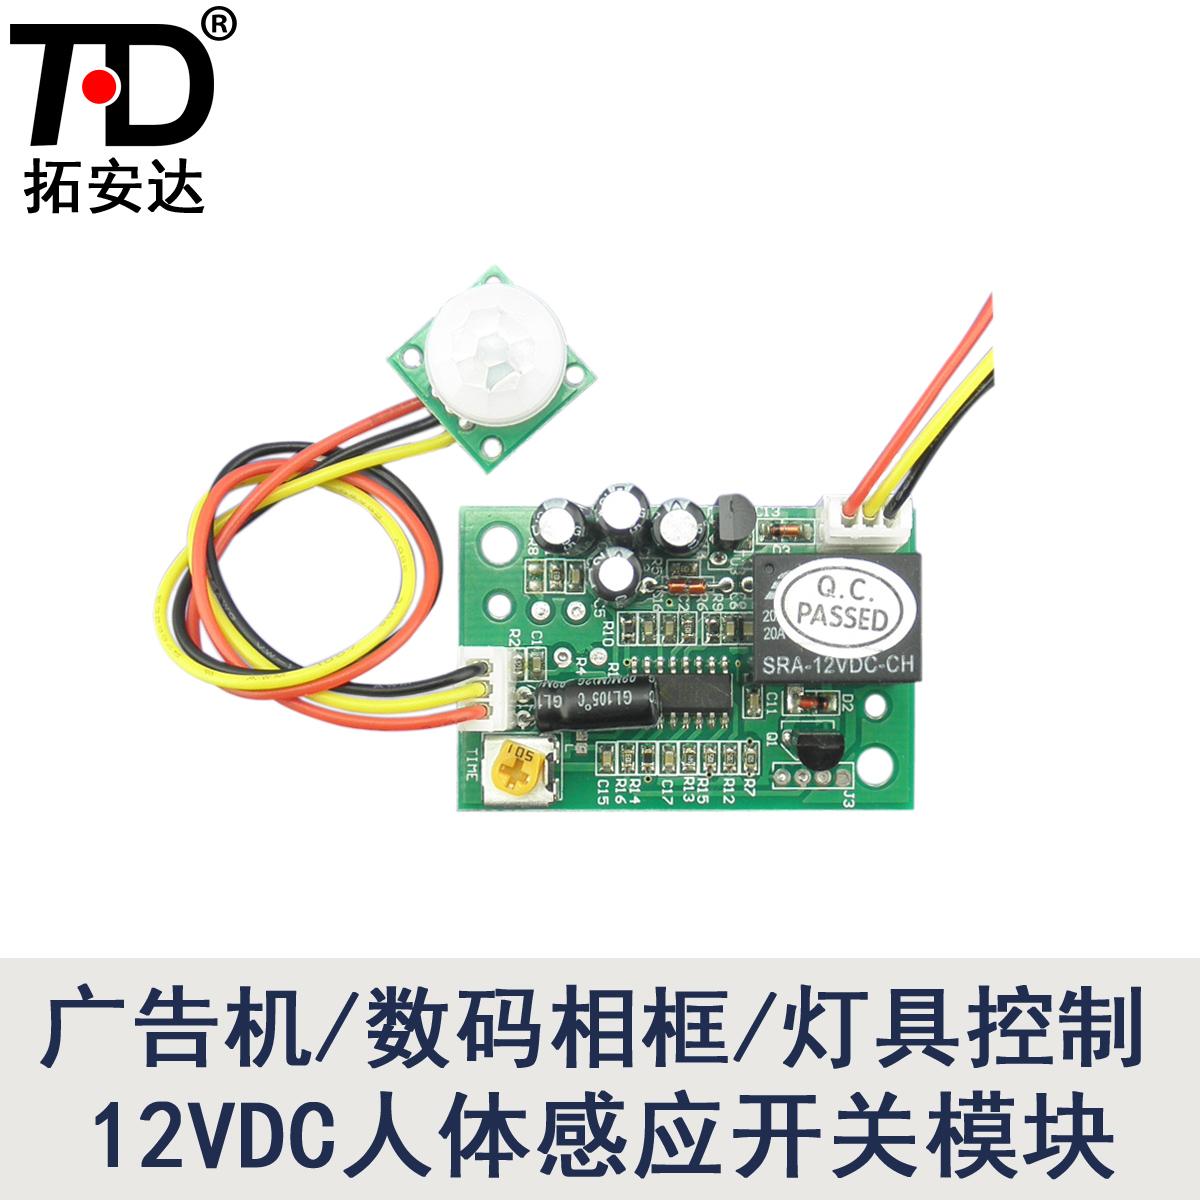 拓安達DC12V人體紅外感應開關模組繼電器控制LED燈 數碼相框可調